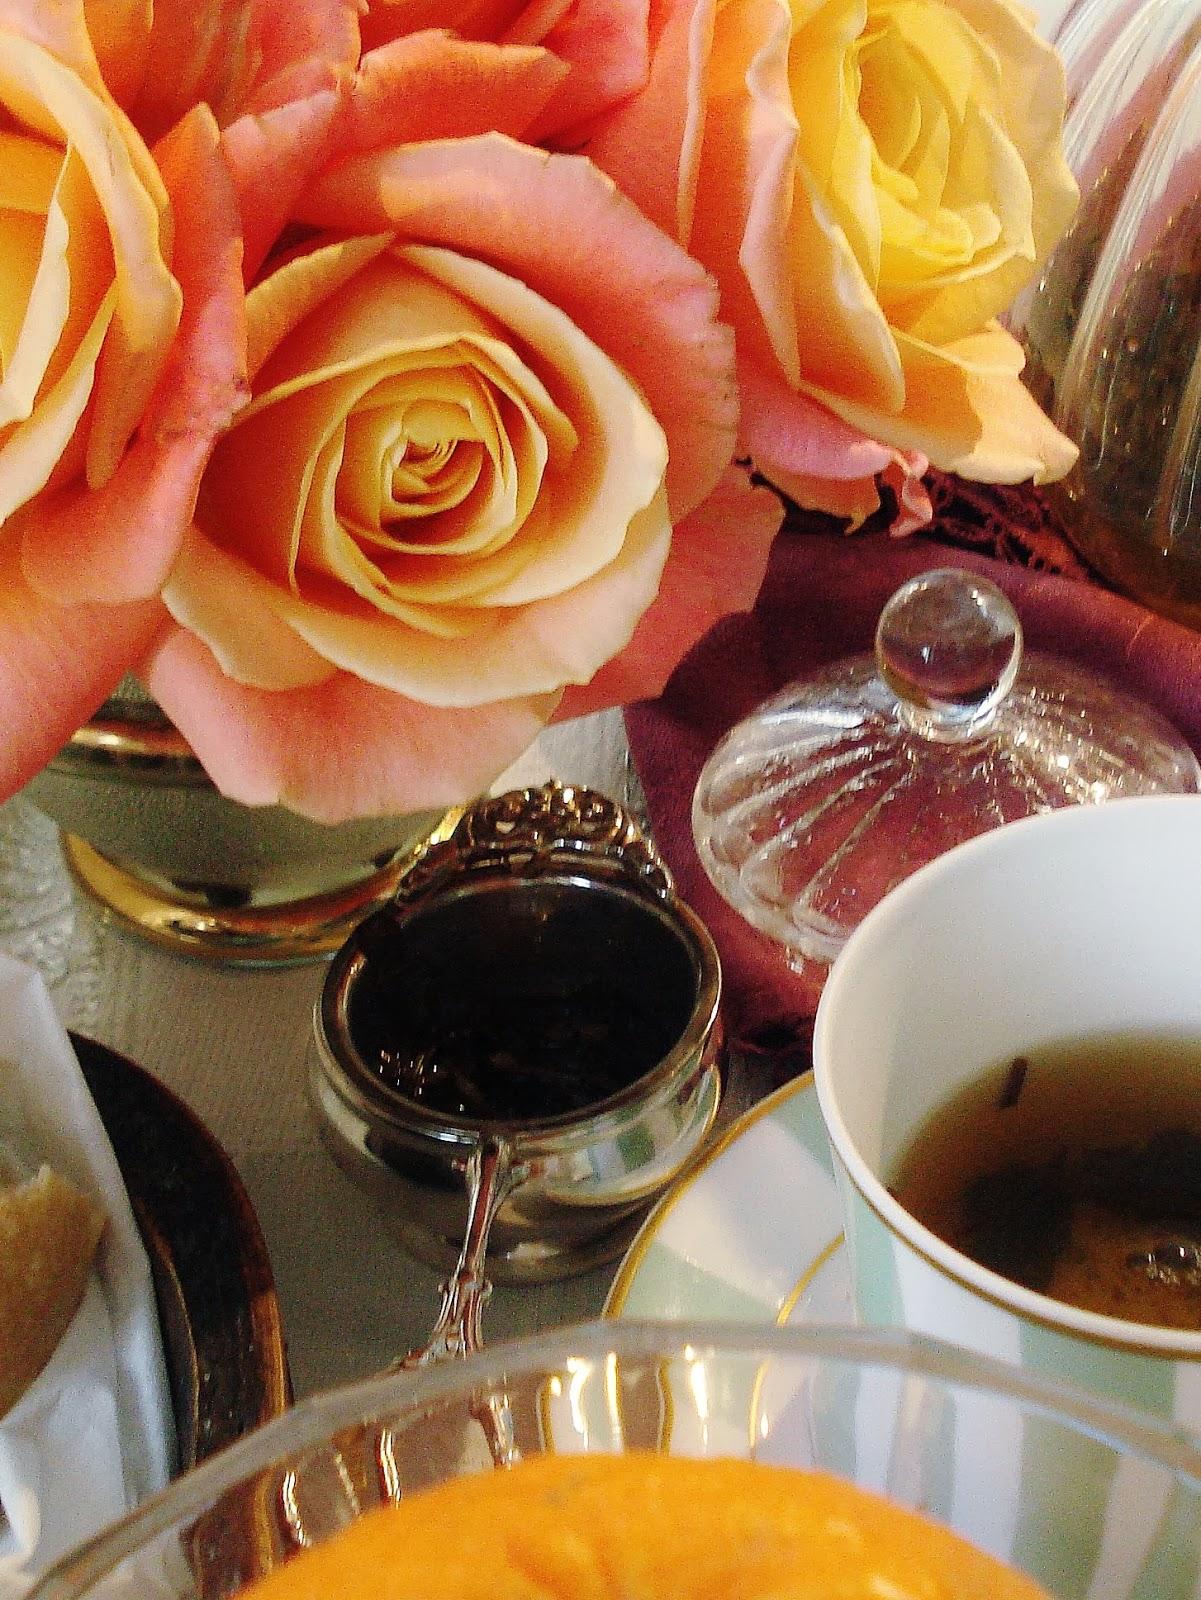 Petit D Jeuner Paris Pr S Des Roses Oranges Breakfast